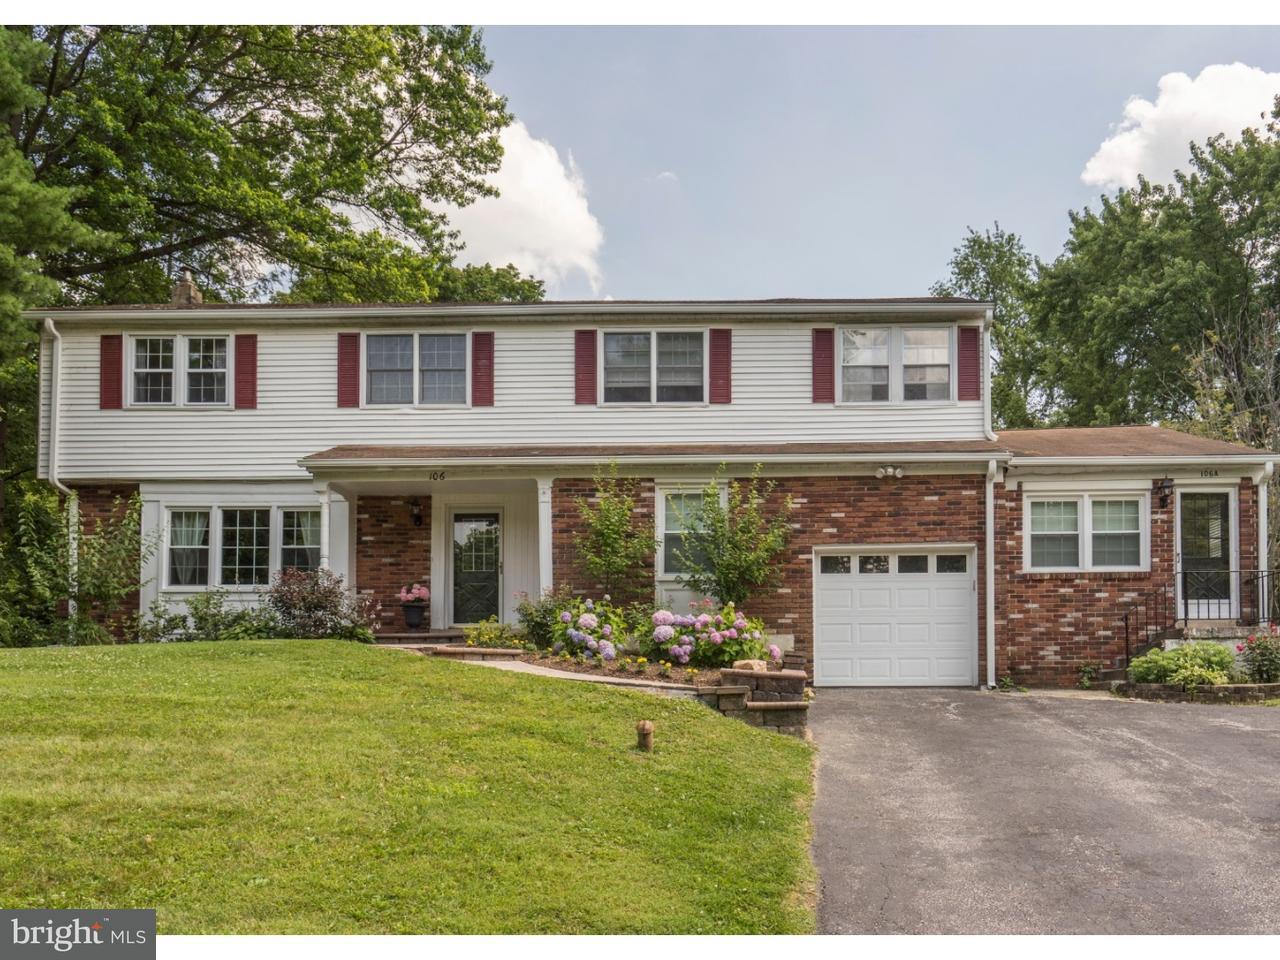 Maison unifamiliale pour l Vente à 106 ALLEN Drive Exton, Pennsylvanie 19341 États-Unis